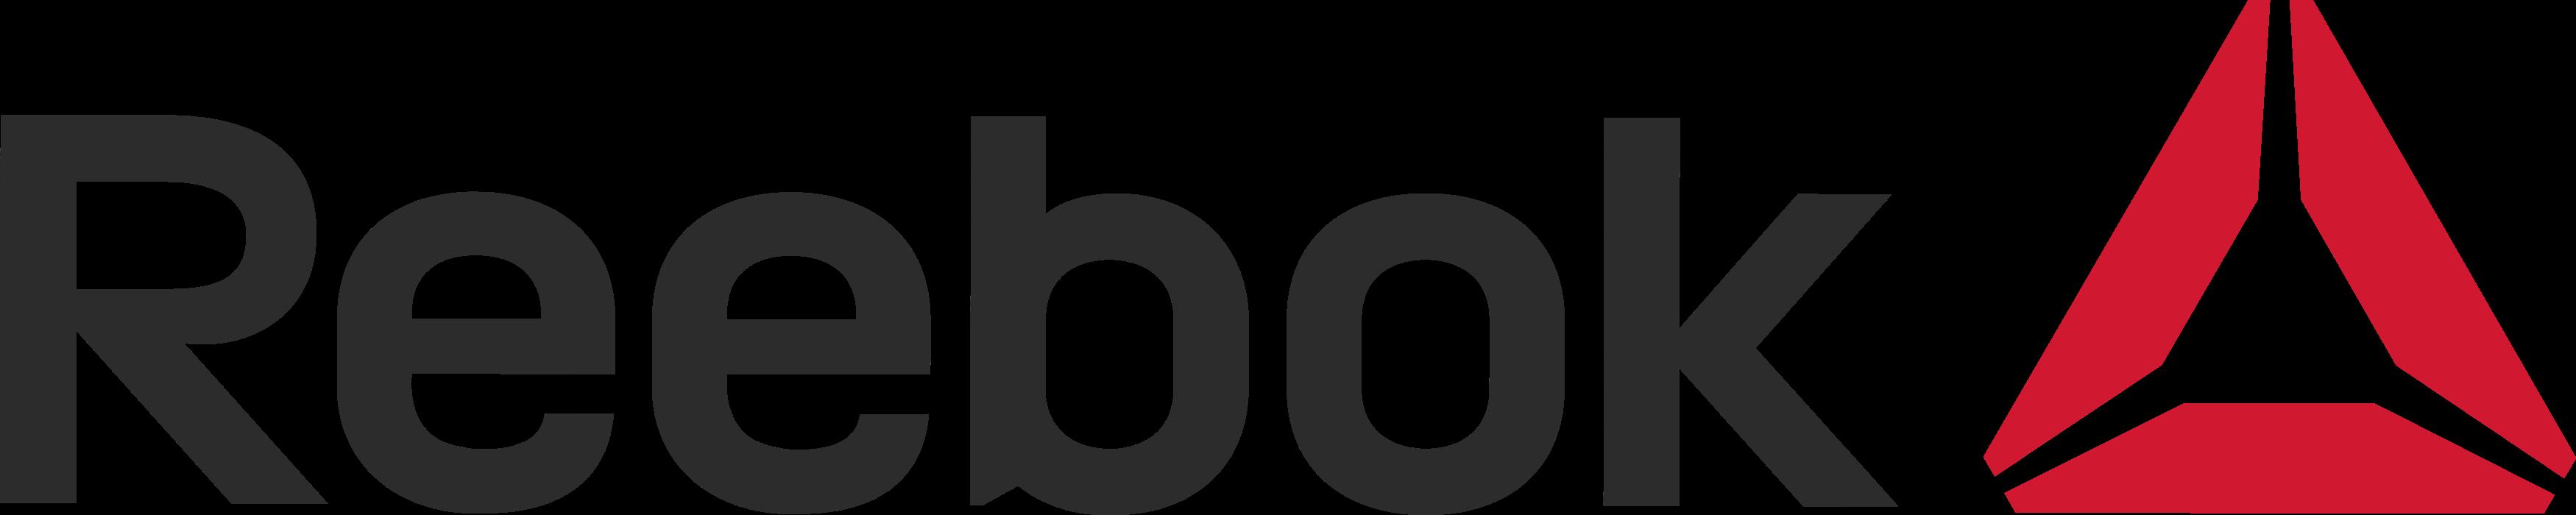 reebok-delta-logo